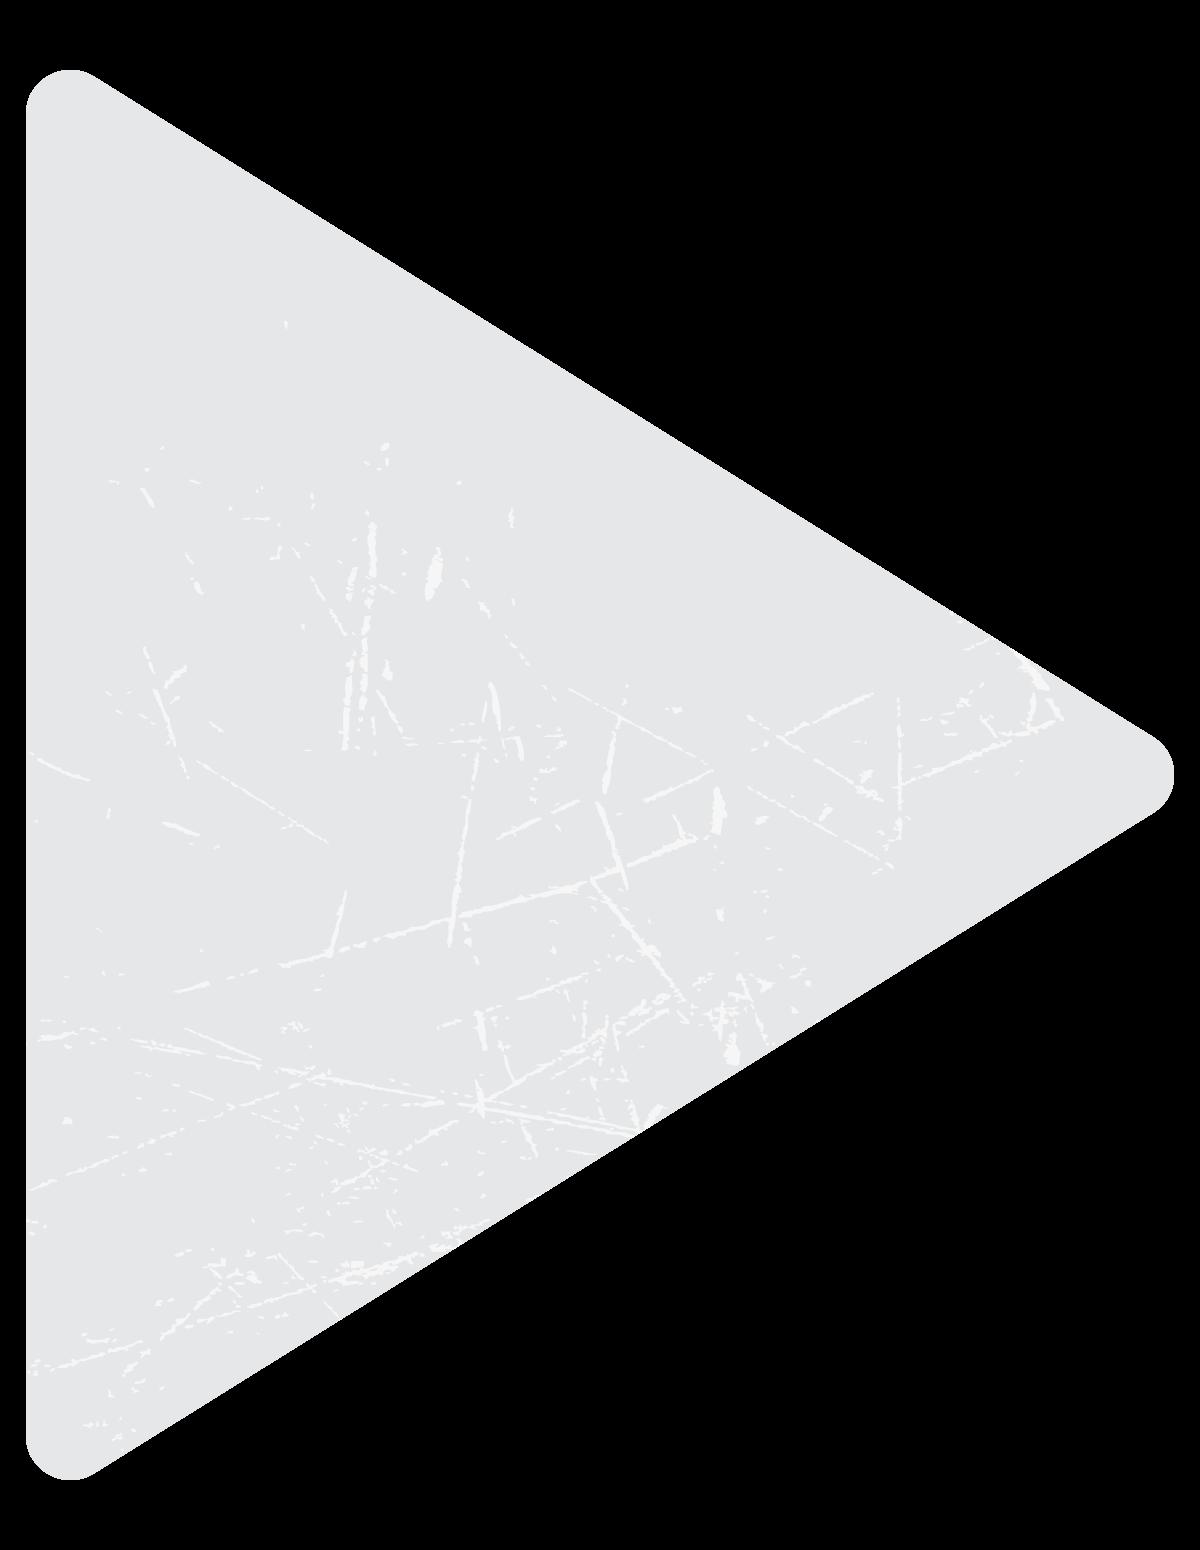 White play icon